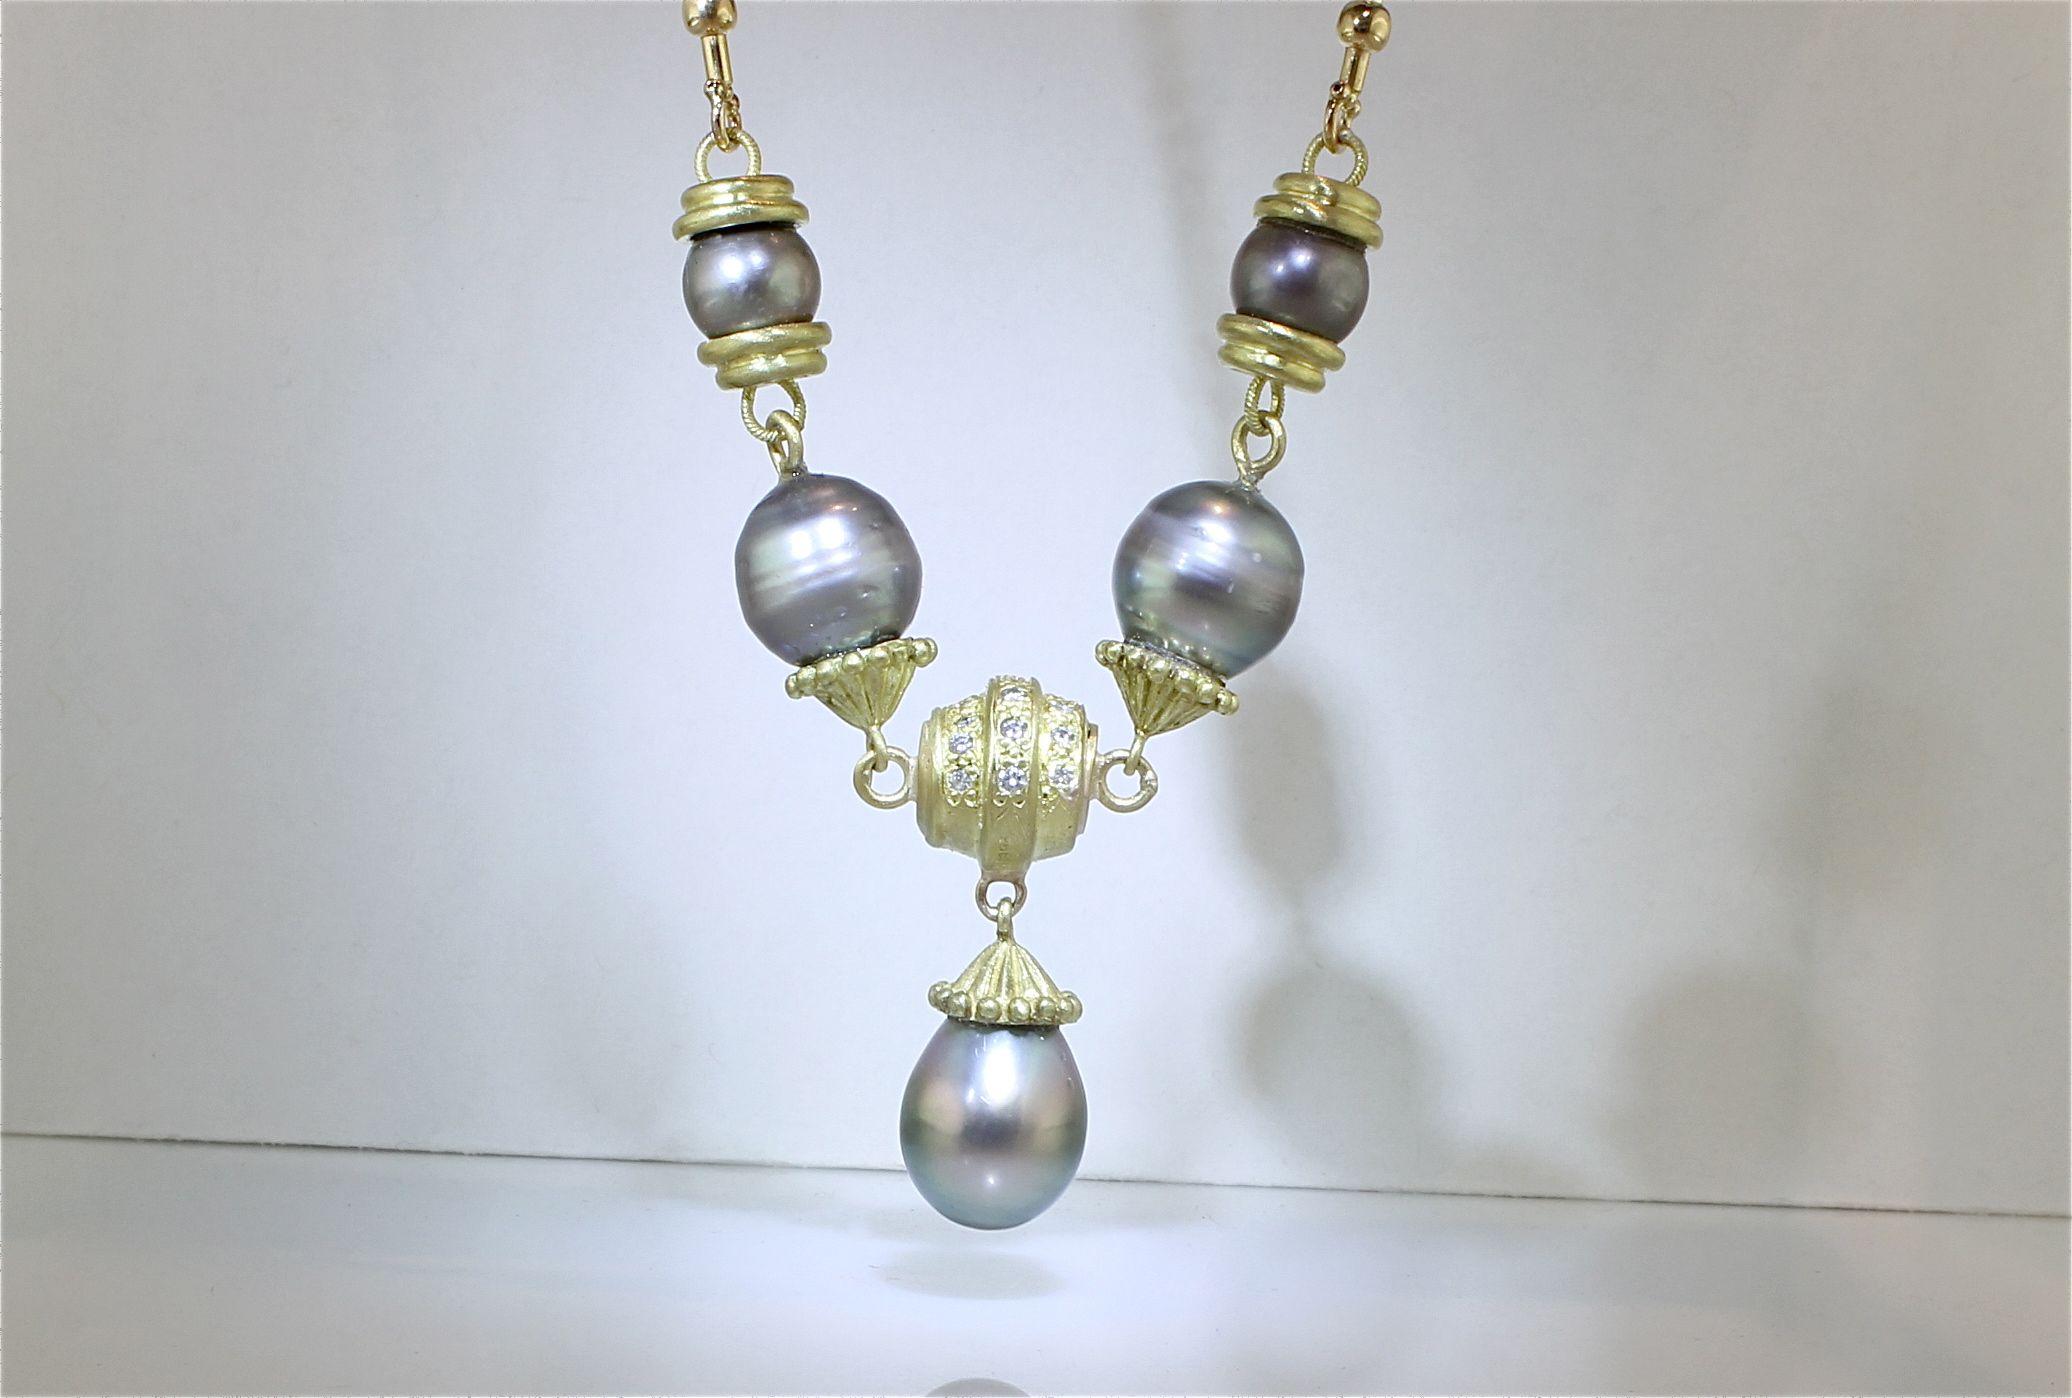 A unique creation #unique #necklace #creation #different #chateau #jewelry